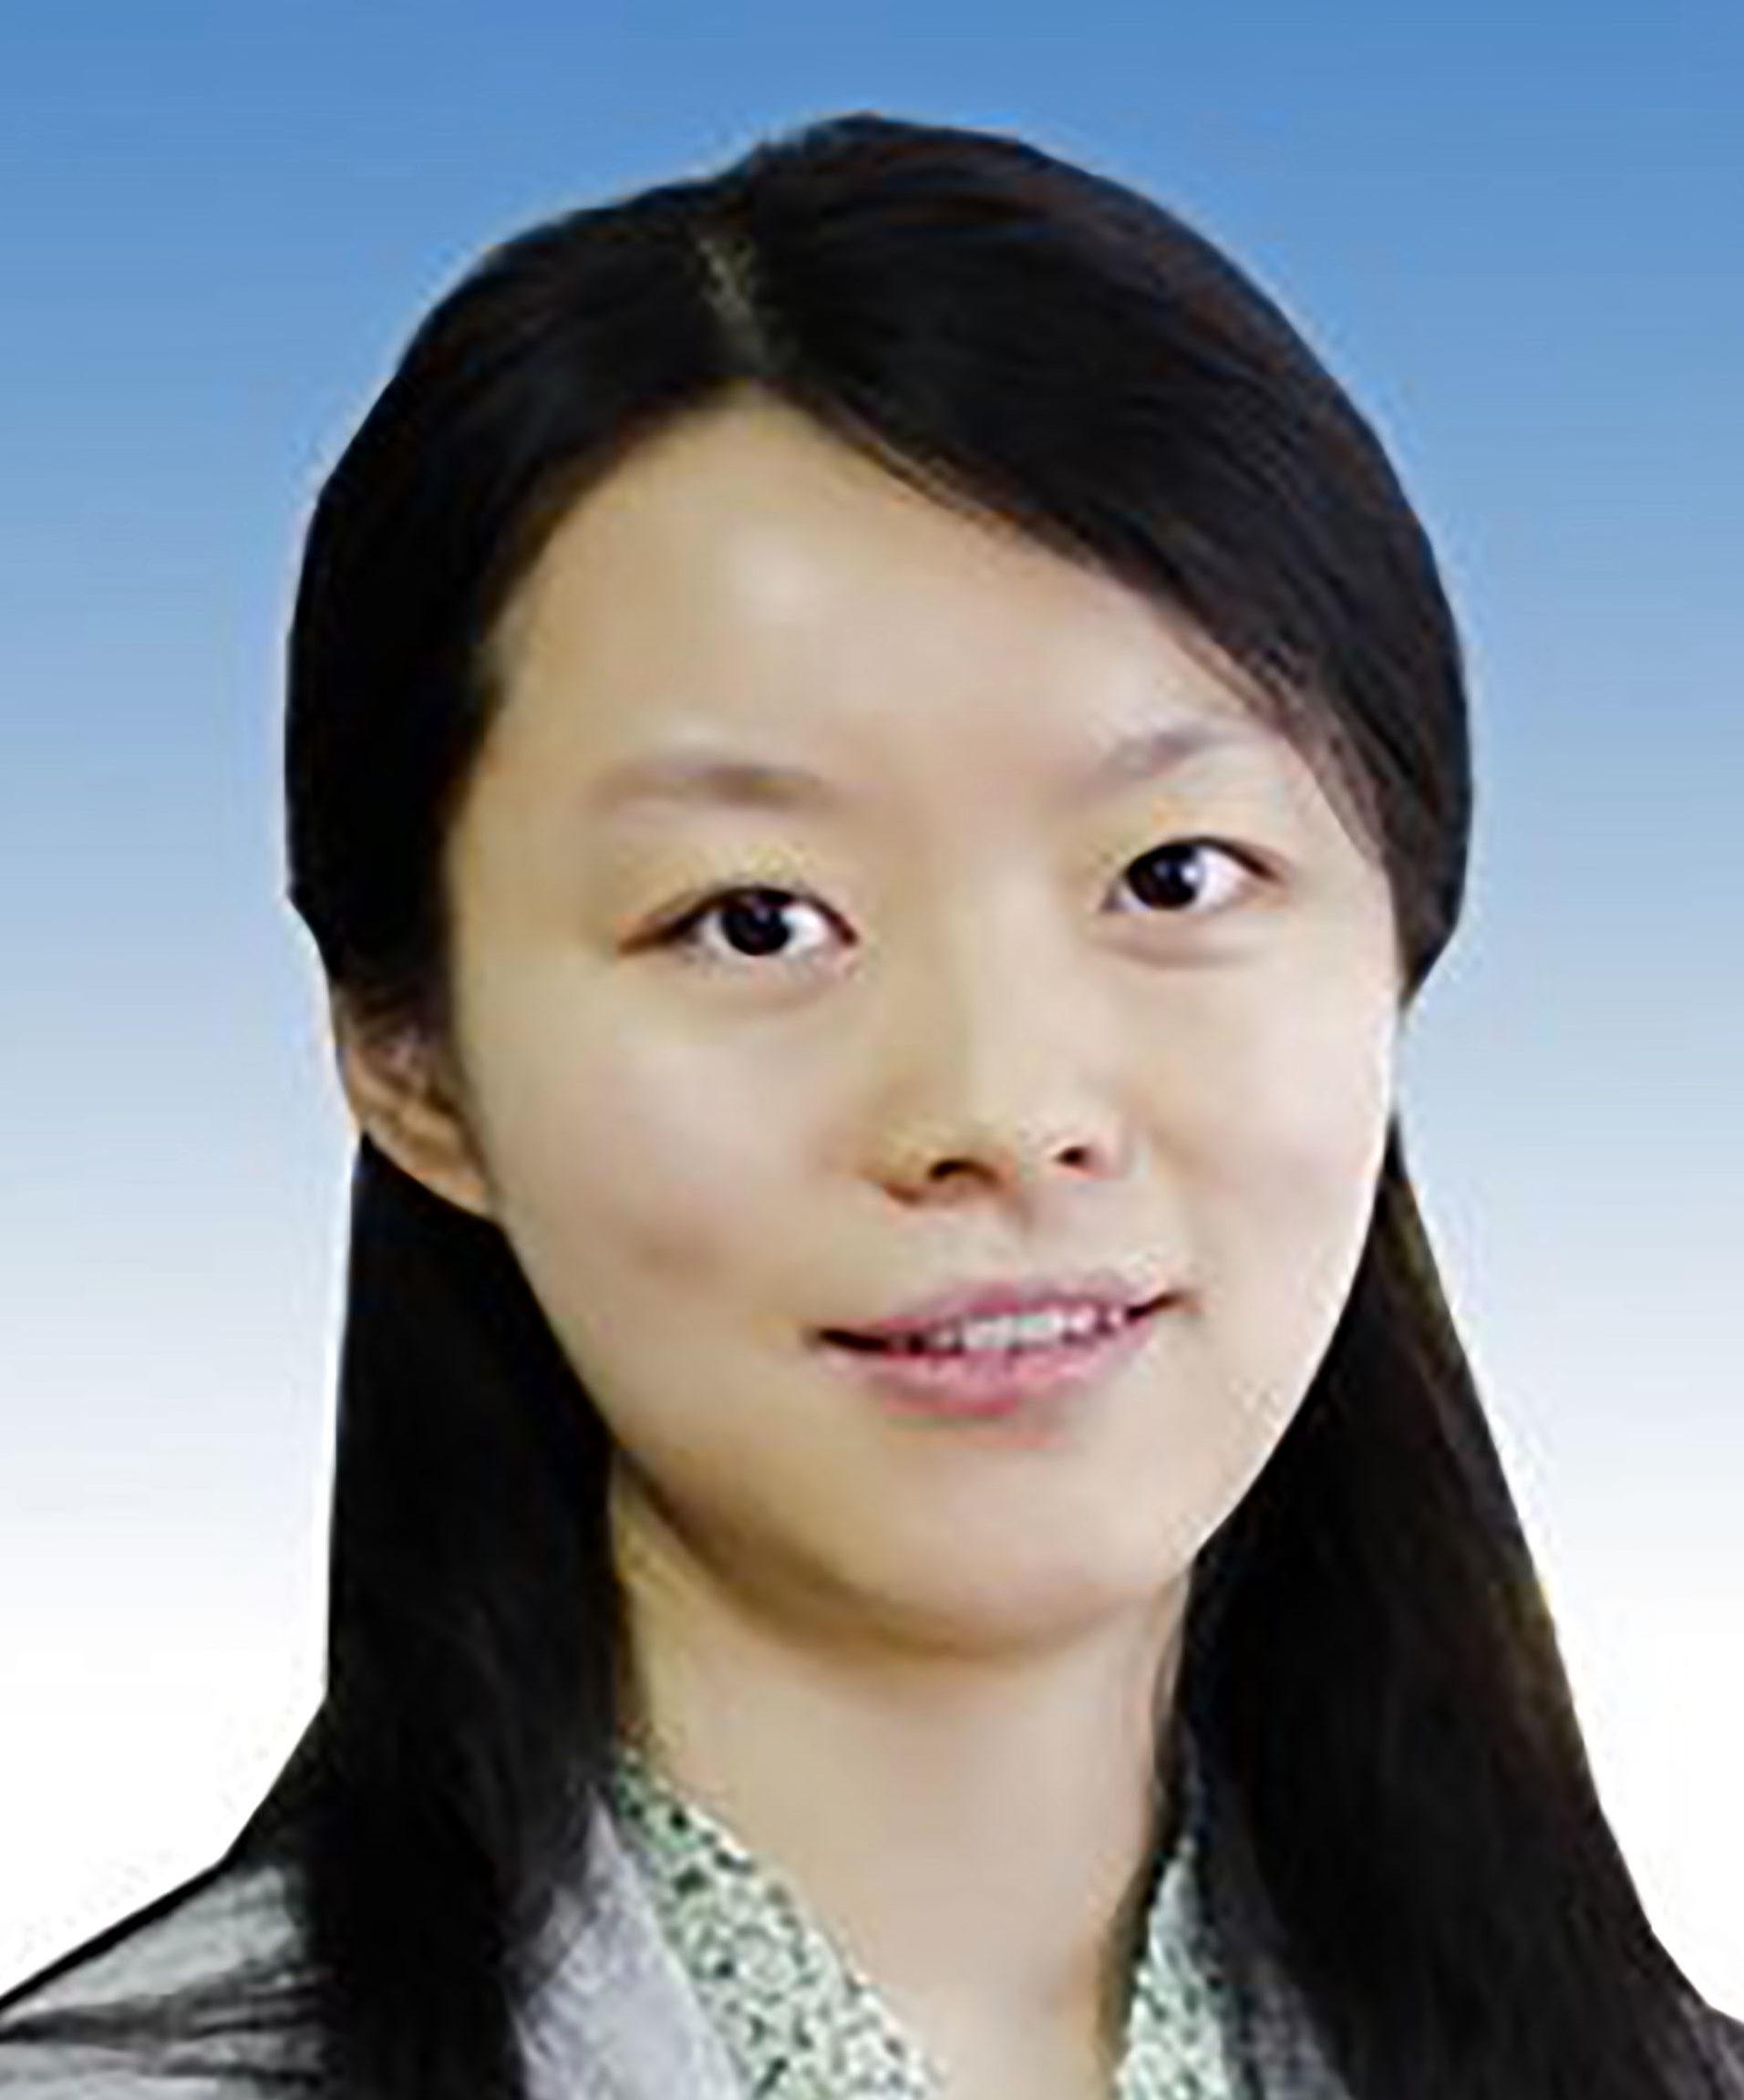 中国科学院武漢ウイルス研究所の王延軼所長(同研究所のホームページから、共同)